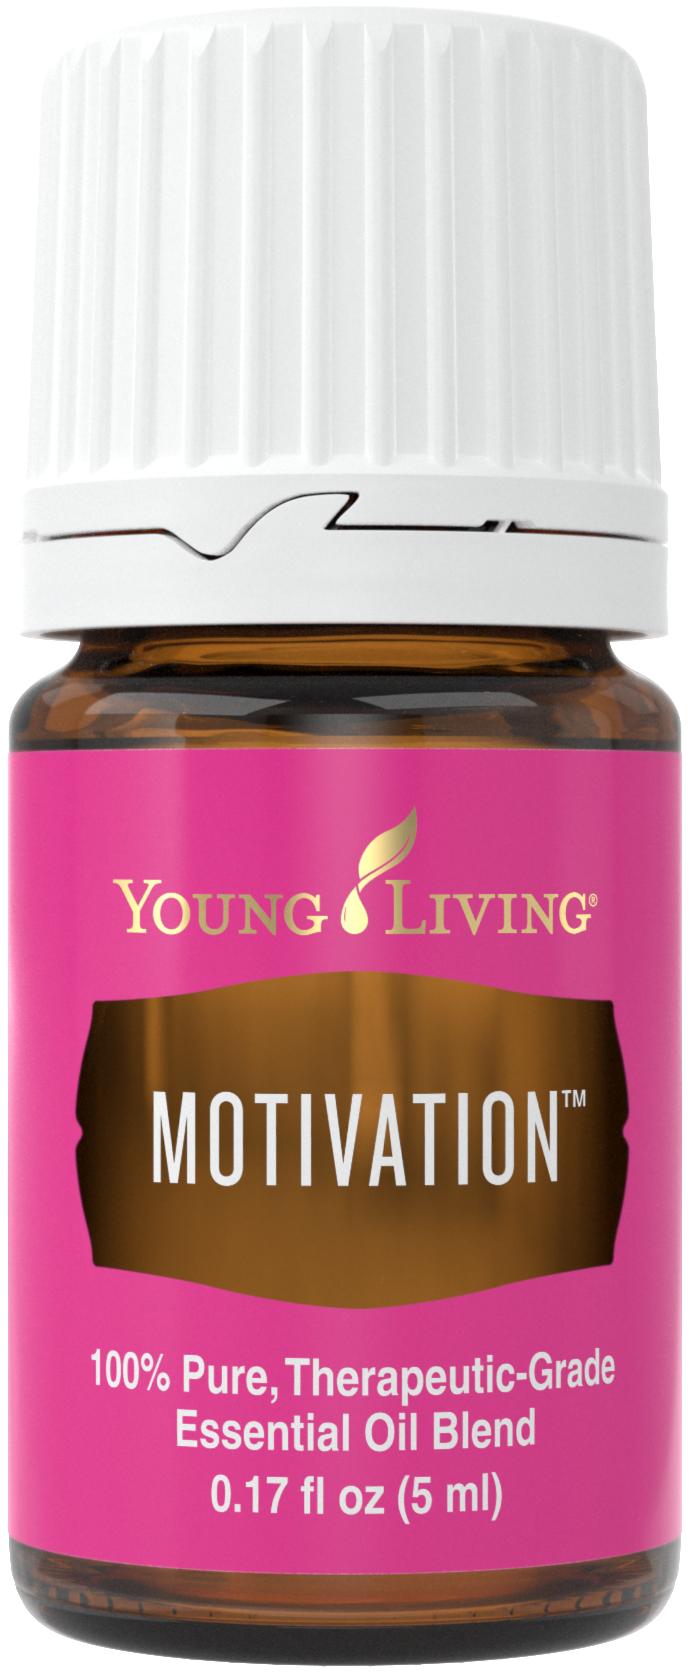 motivation_5ml_silo_us_2016_24159417049_o